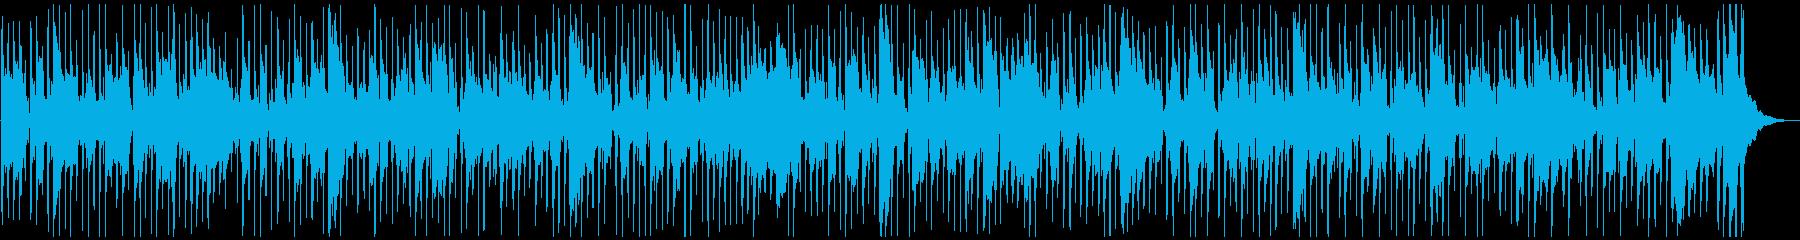 楽しげなフレンチワルツの再生済みの波形